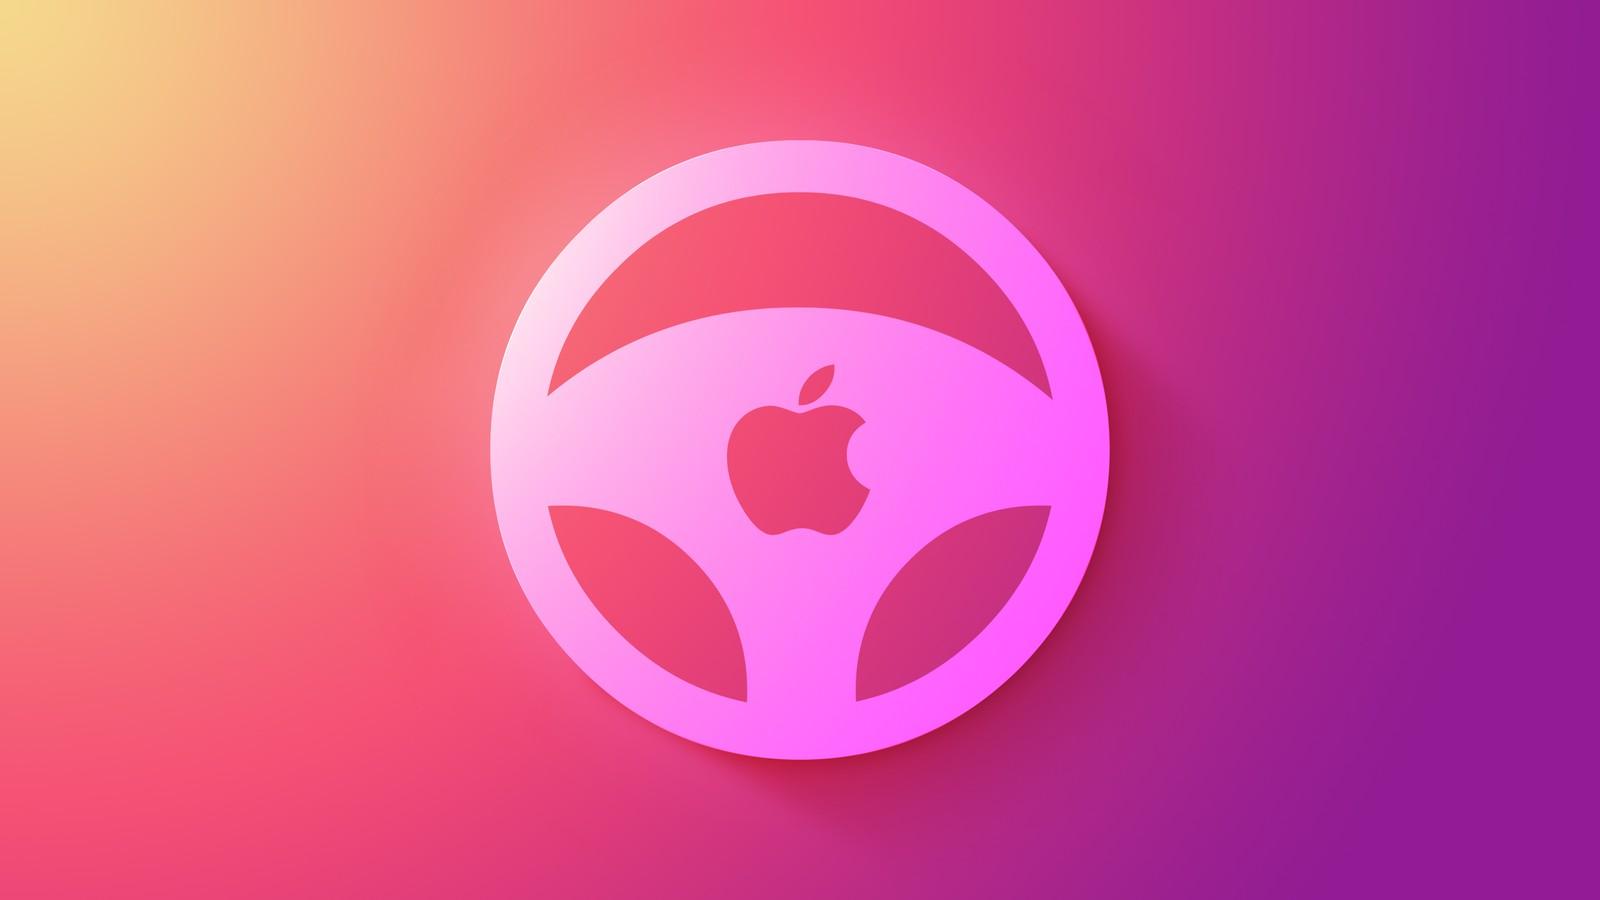 苹果计划在美国生产 Apple Car 电池